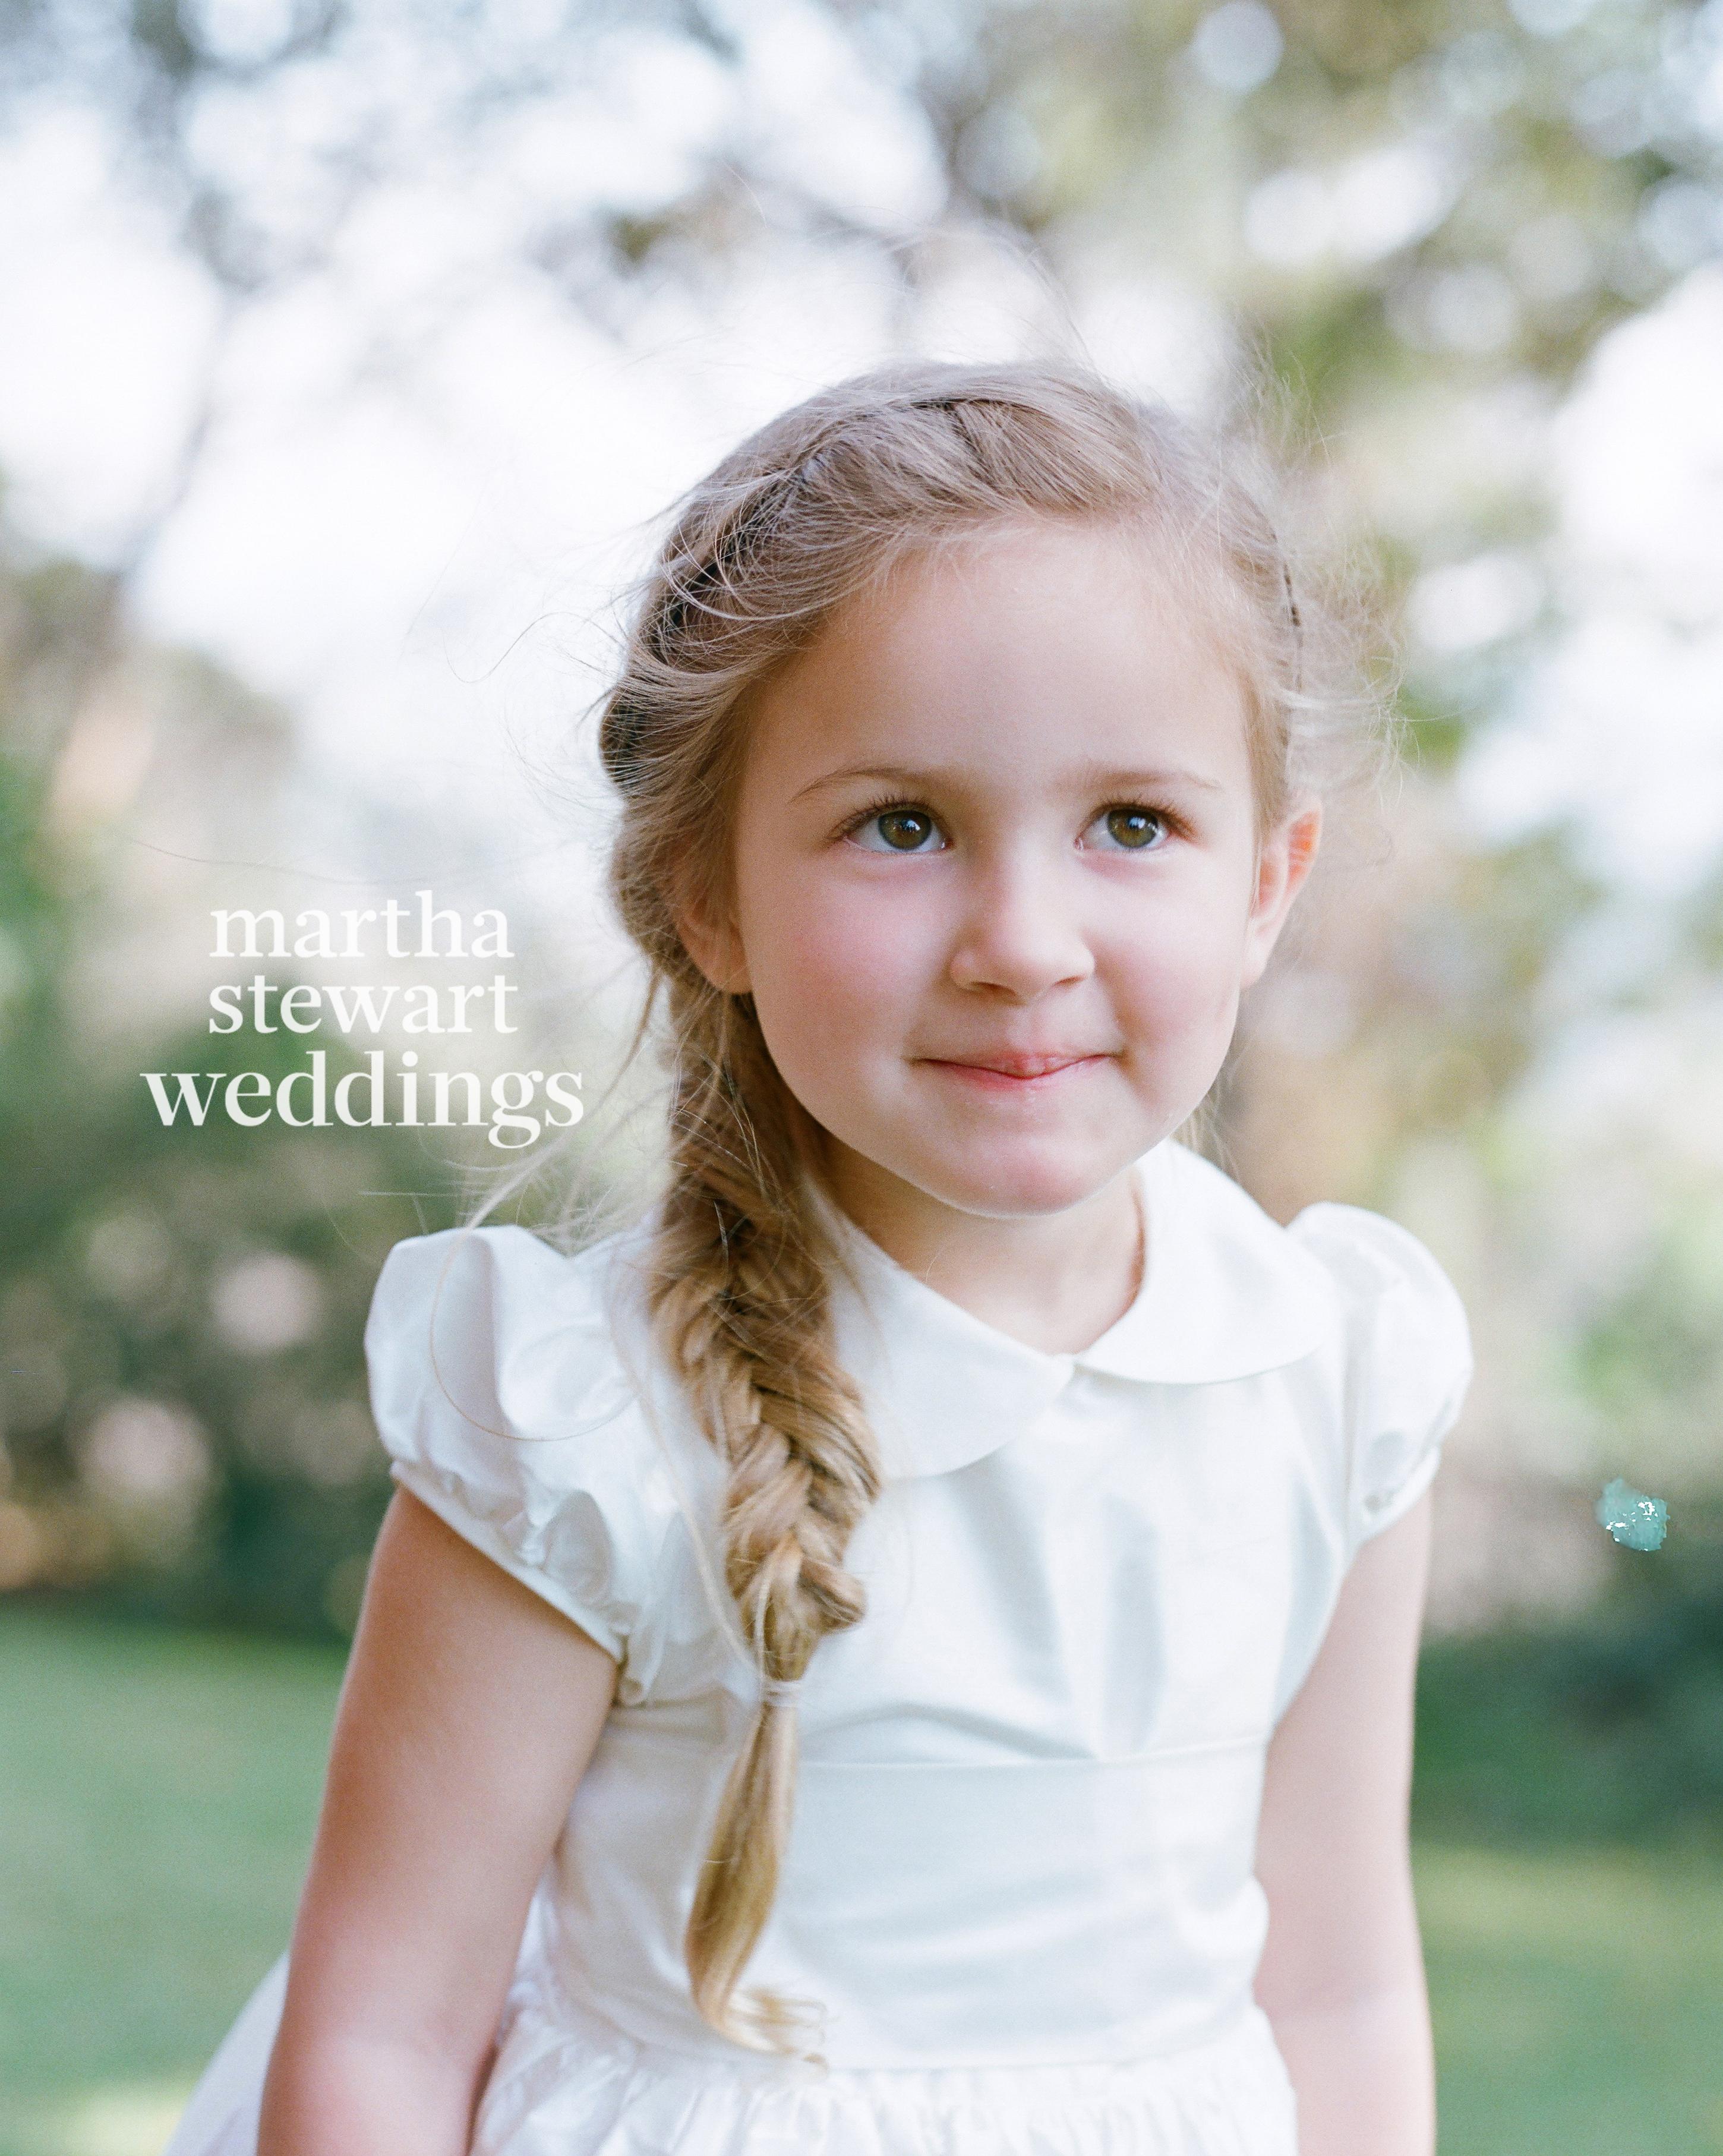 sophia-joel-wedding-los-angeles-079-d112240-watermarked-0915.jpg